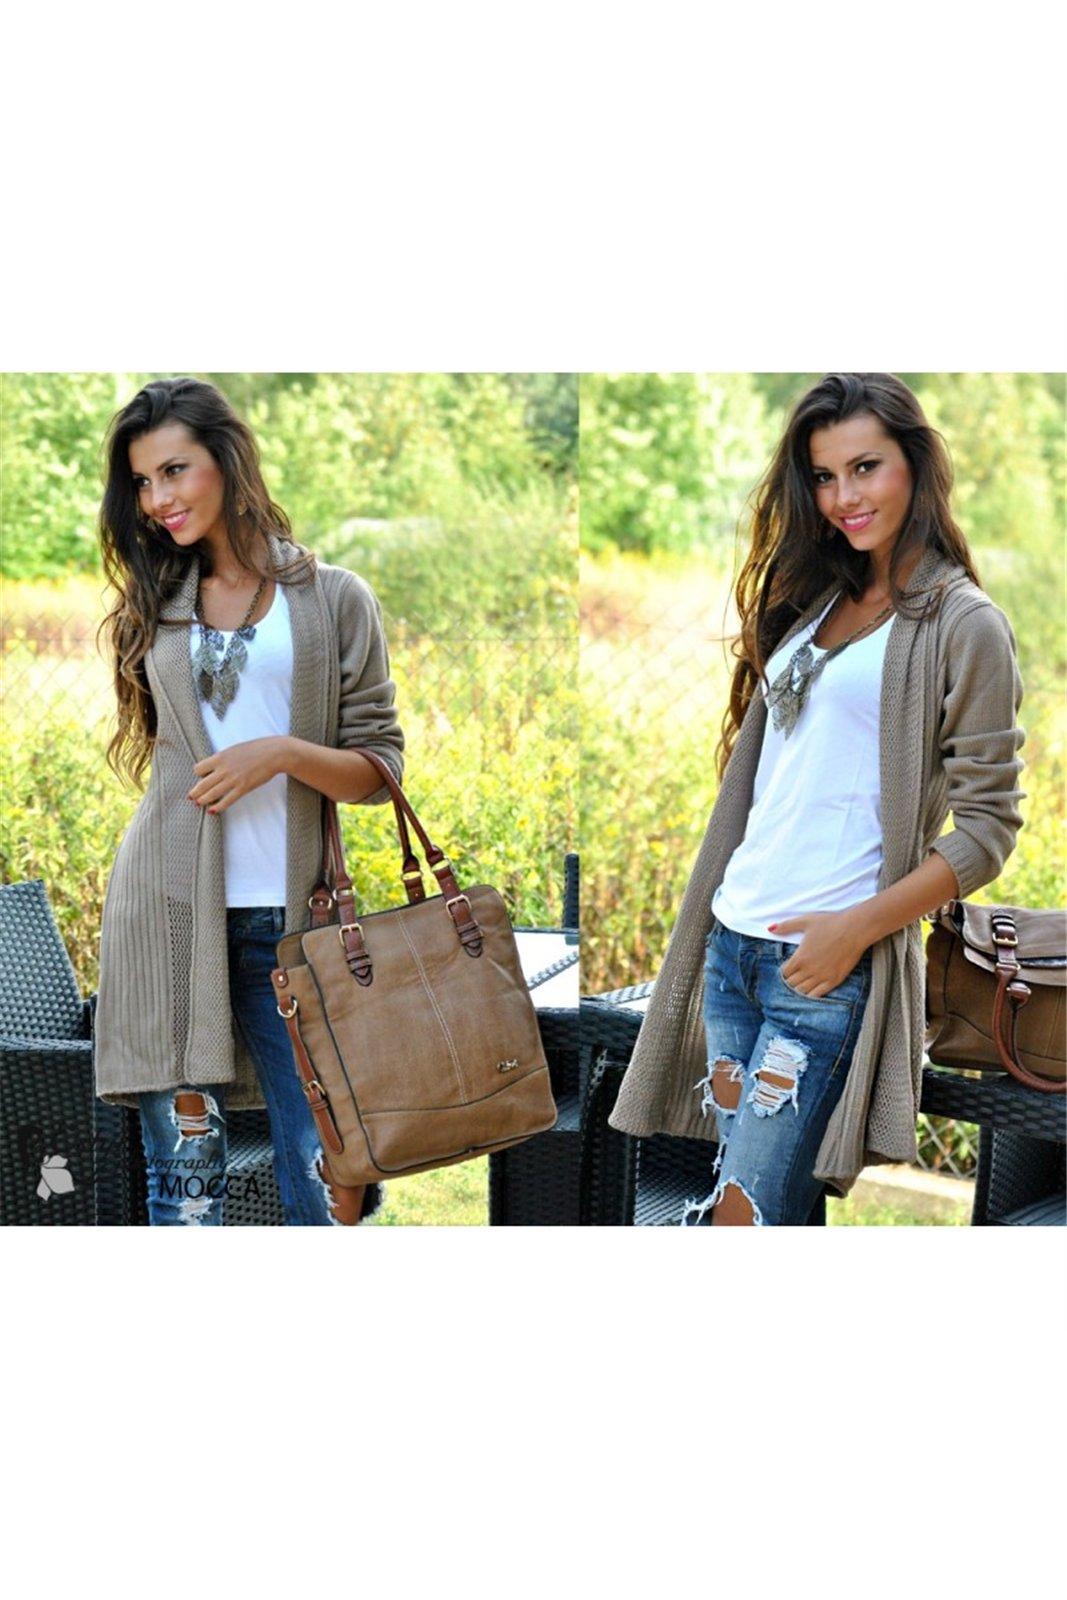 Сбор заказов. Распродажа супер модной женской одежды польских производителей. Скидки до 70 %. Огромный выбор одежды: жакеты, платья, вязаные кардиганы, блузки и другое. Выкуп 2.